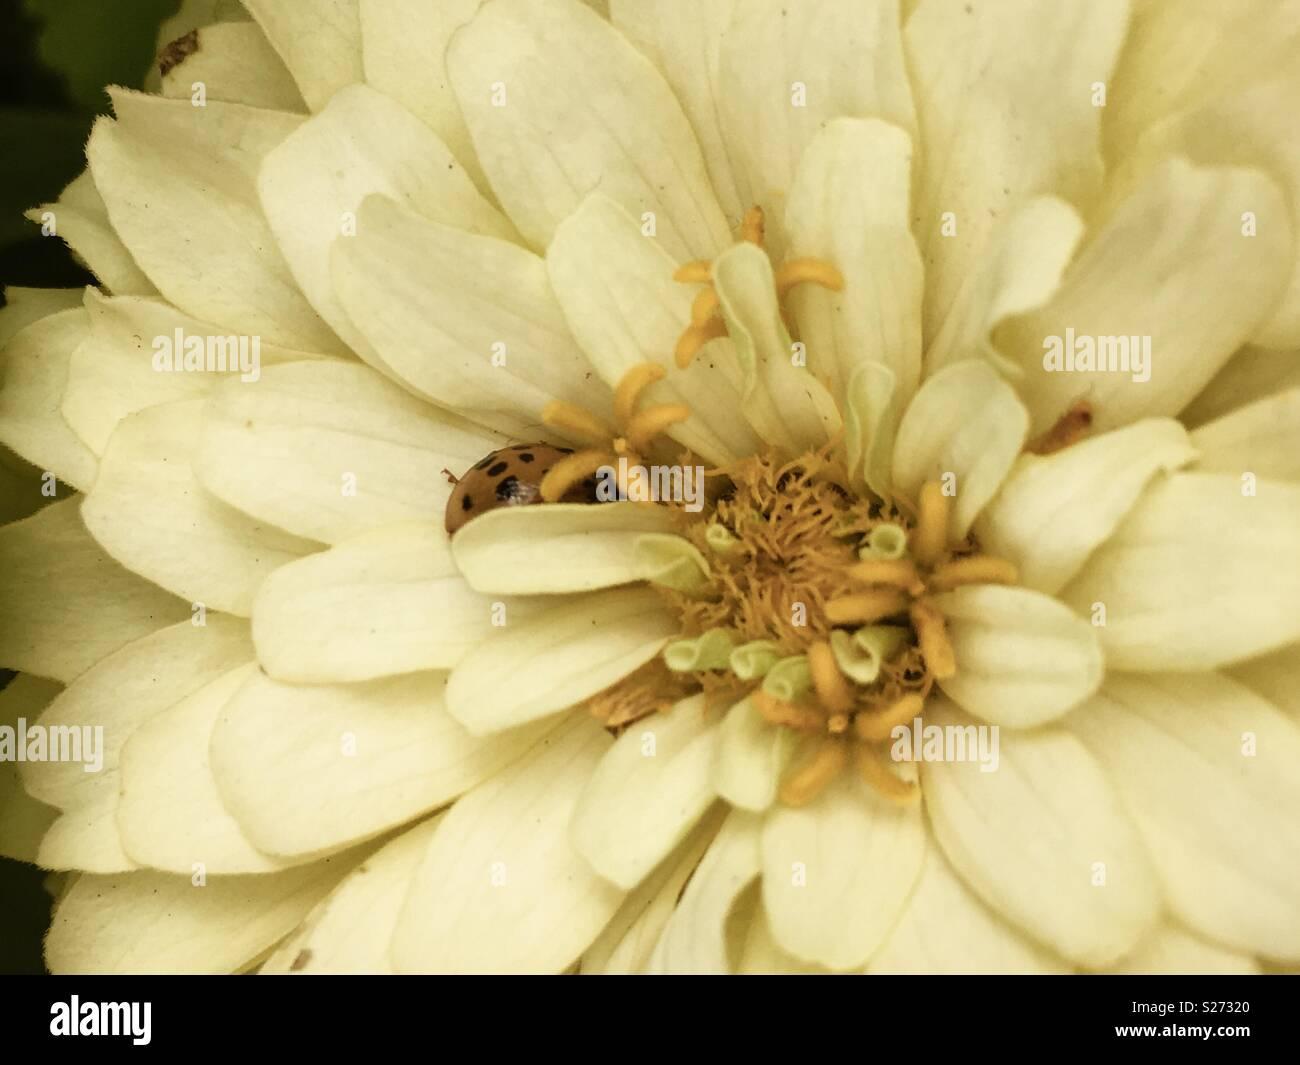 Ladybug hiding on pale white flower - Stock Image